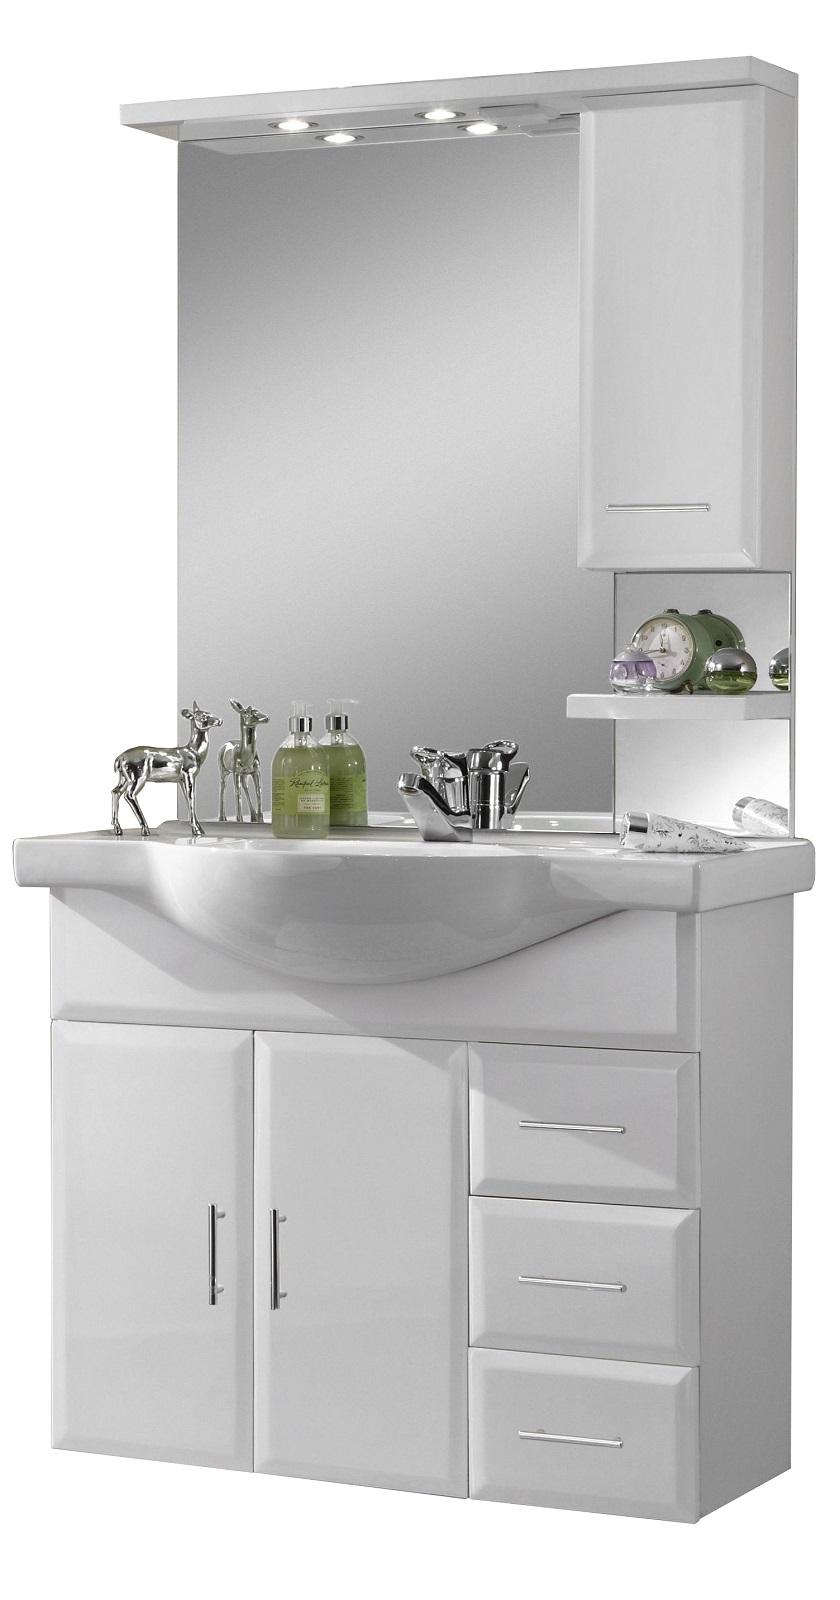 wien 2 komplettbad in hochglanz wei badblock badschr nke badezimmerschrank ebay. Black Bedroom Furniture Sets. Home Design Ideas